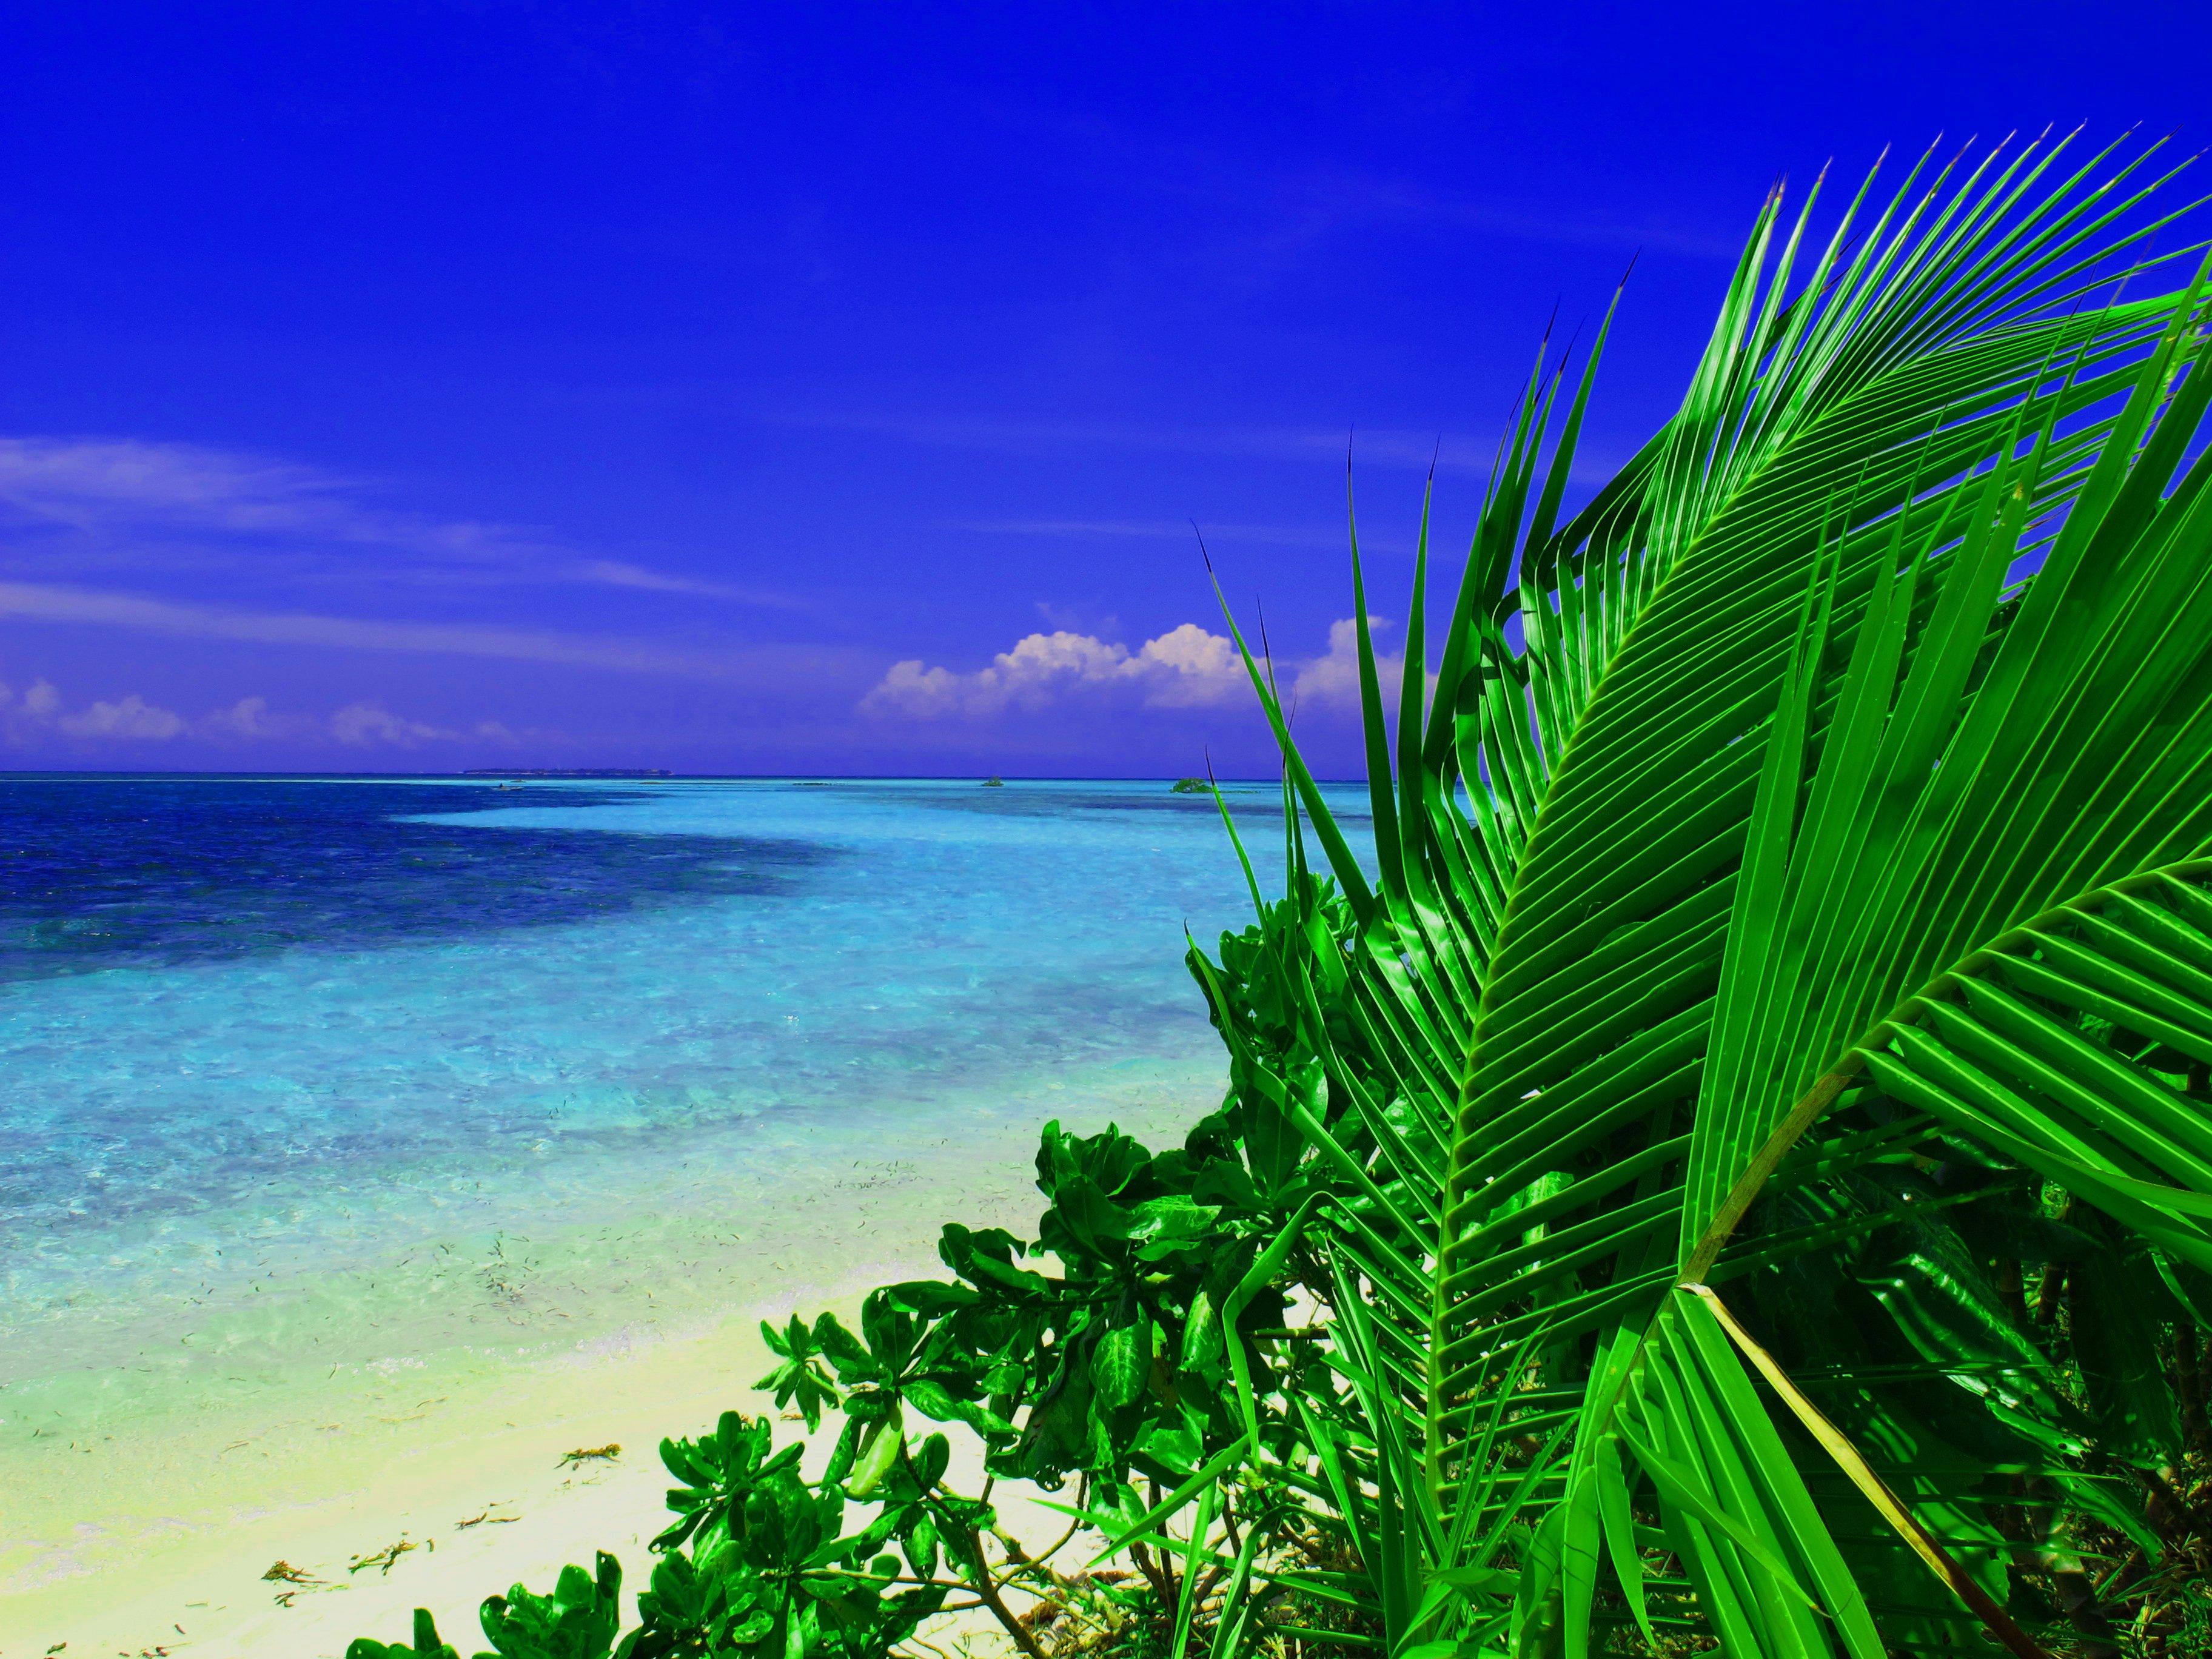 デスクトップ壁紙 風景 白 自然 海岸 砂 空 雲 ビーチ